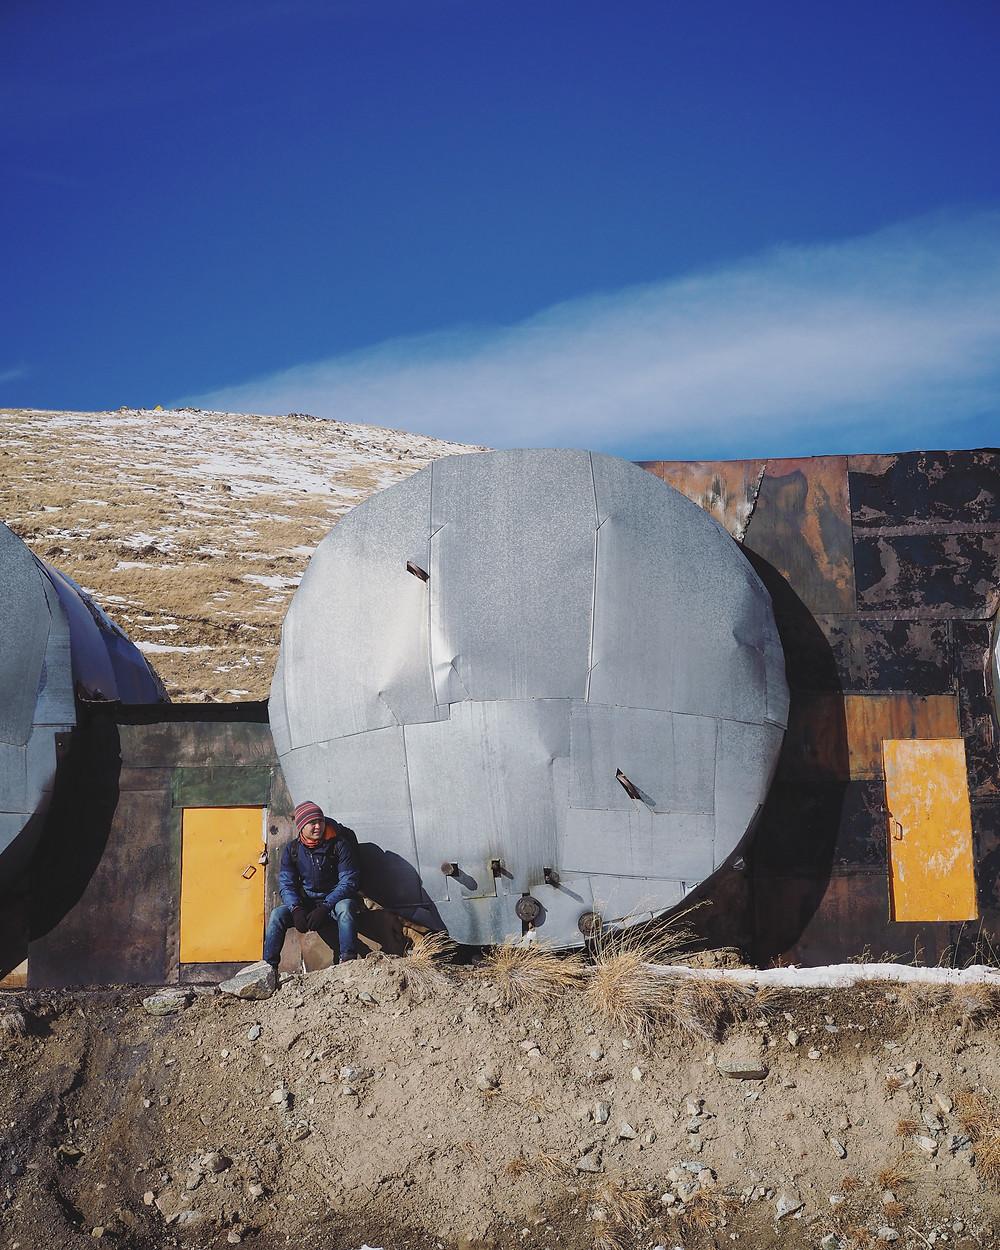 四方脸和Kosmostantsiya 天文研究院里的不知名物体合照。